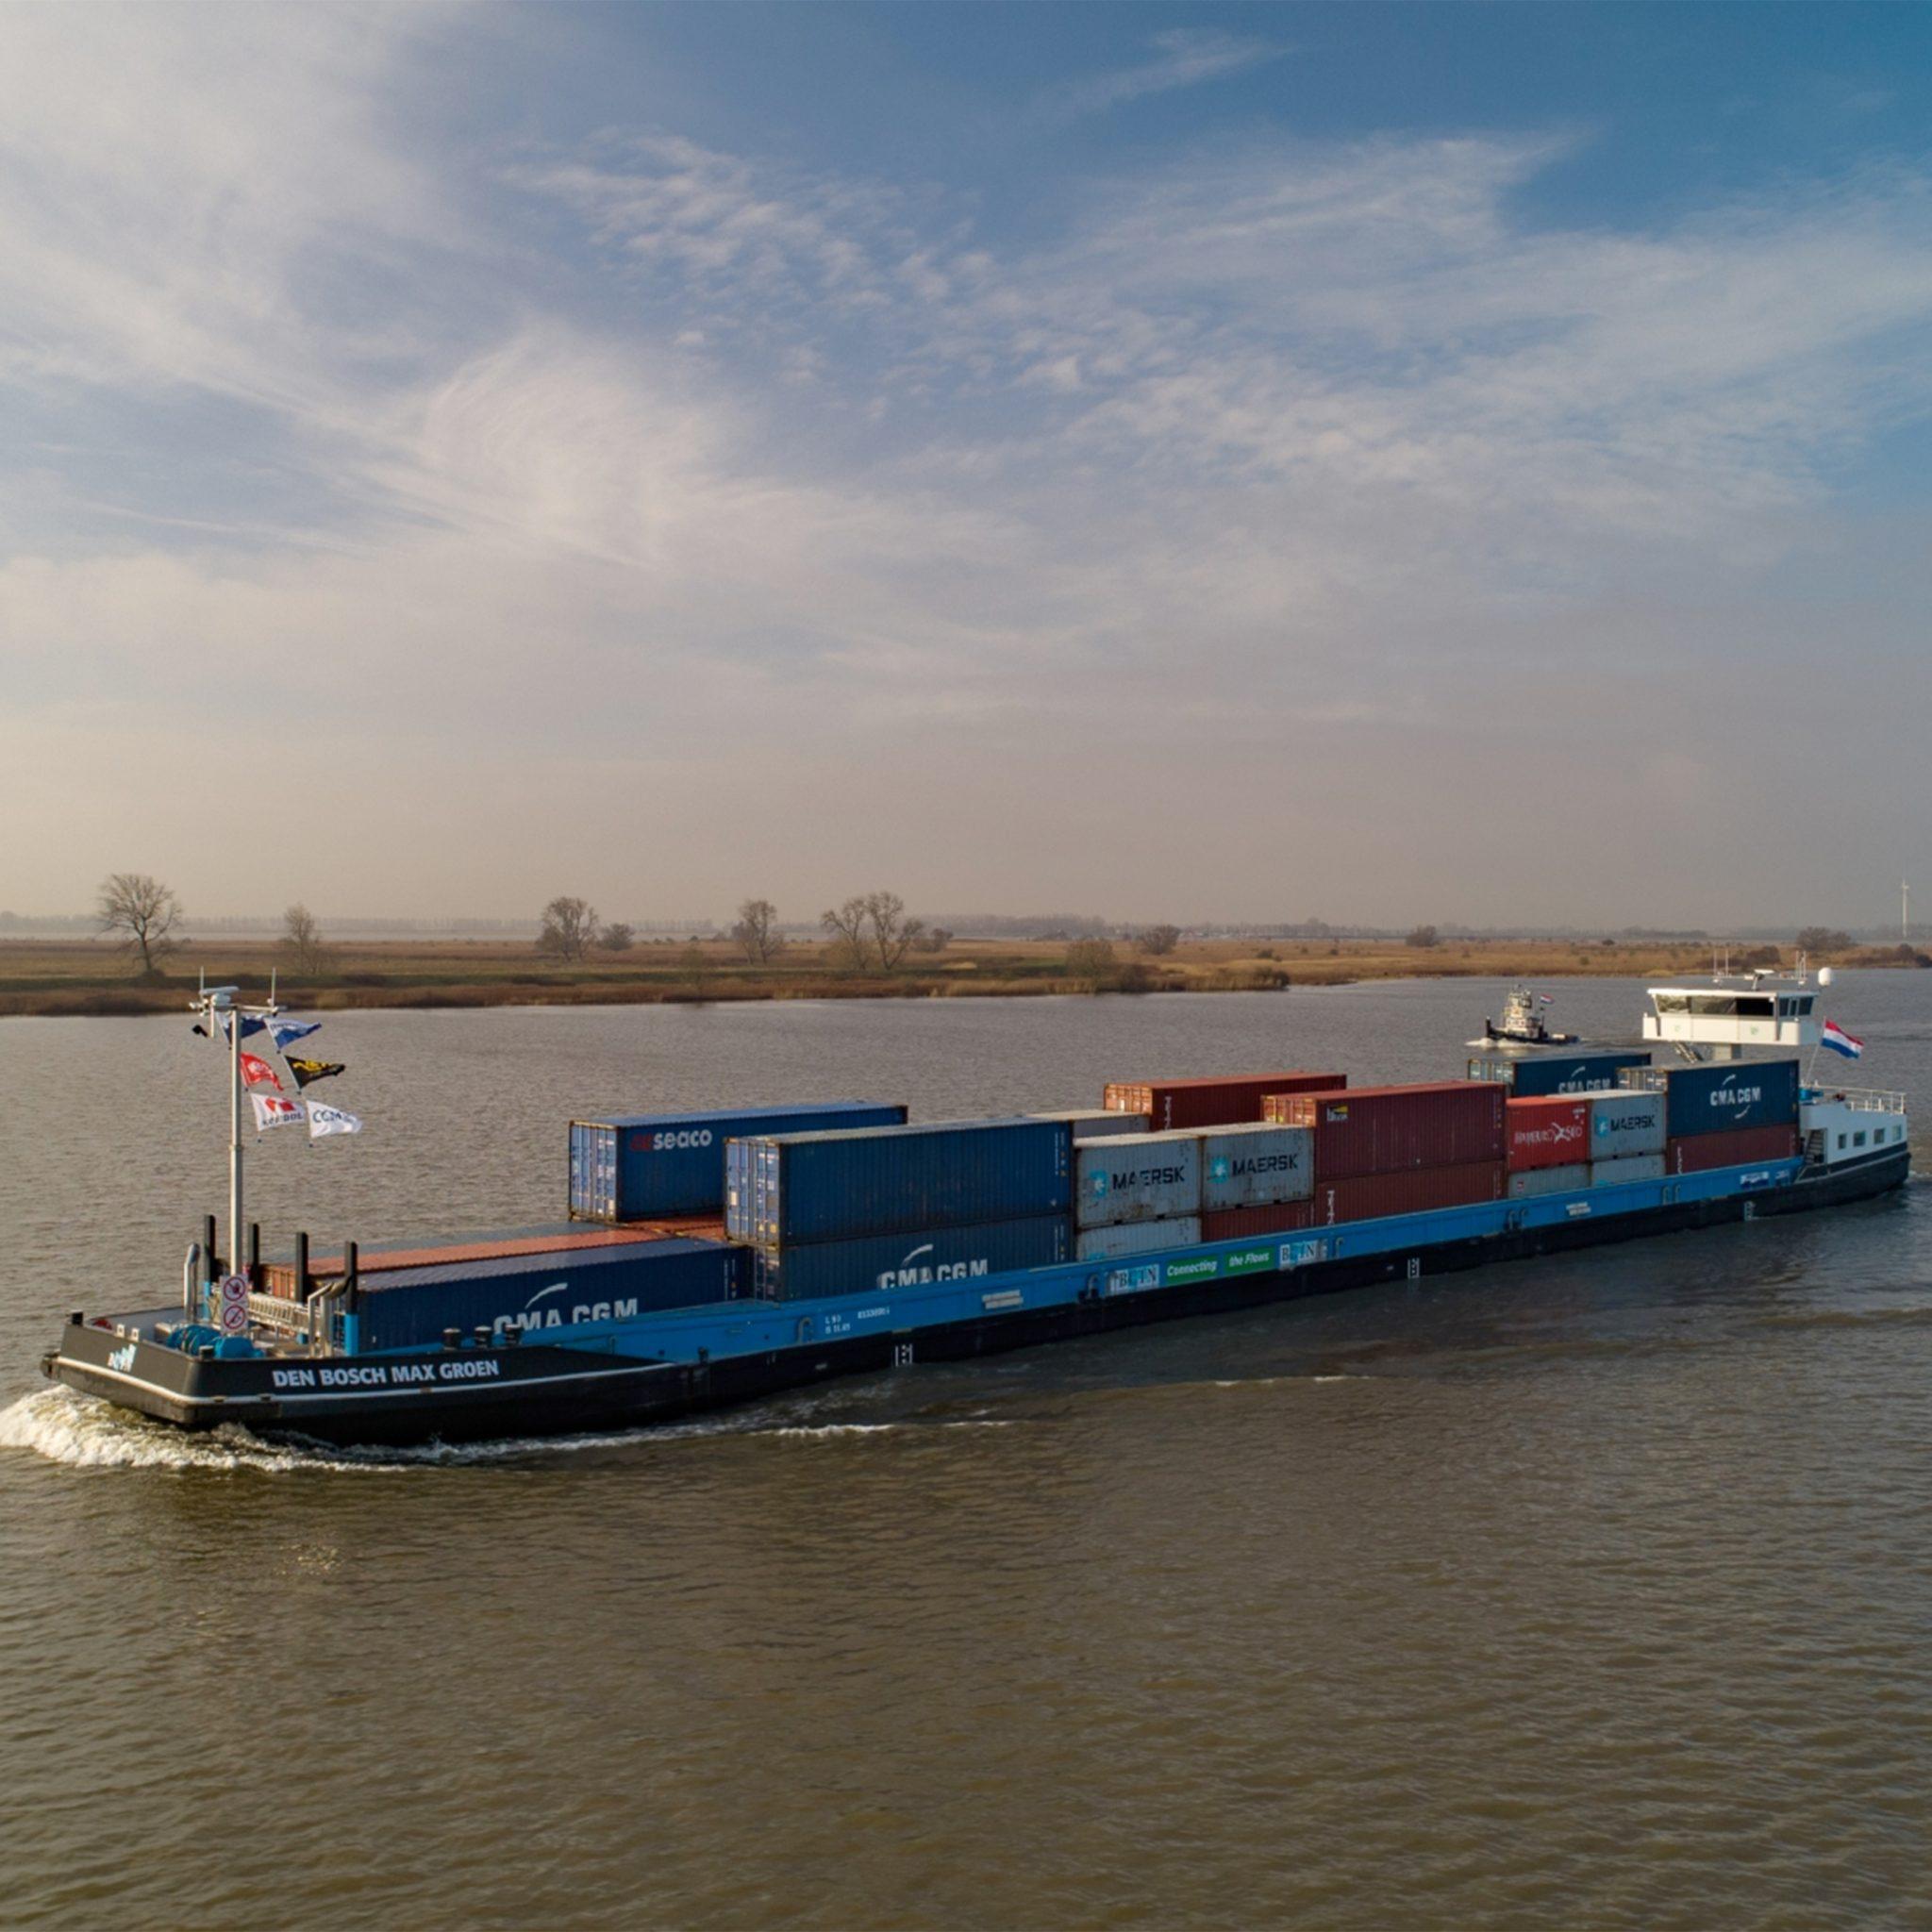 De Den Bosch Max Groen moet net als de Den Bosch Max Blauw en de Nijmegen Max in de toekomst volledig elektrisch kunnen gaan varen. (Foto Concordia Damen)